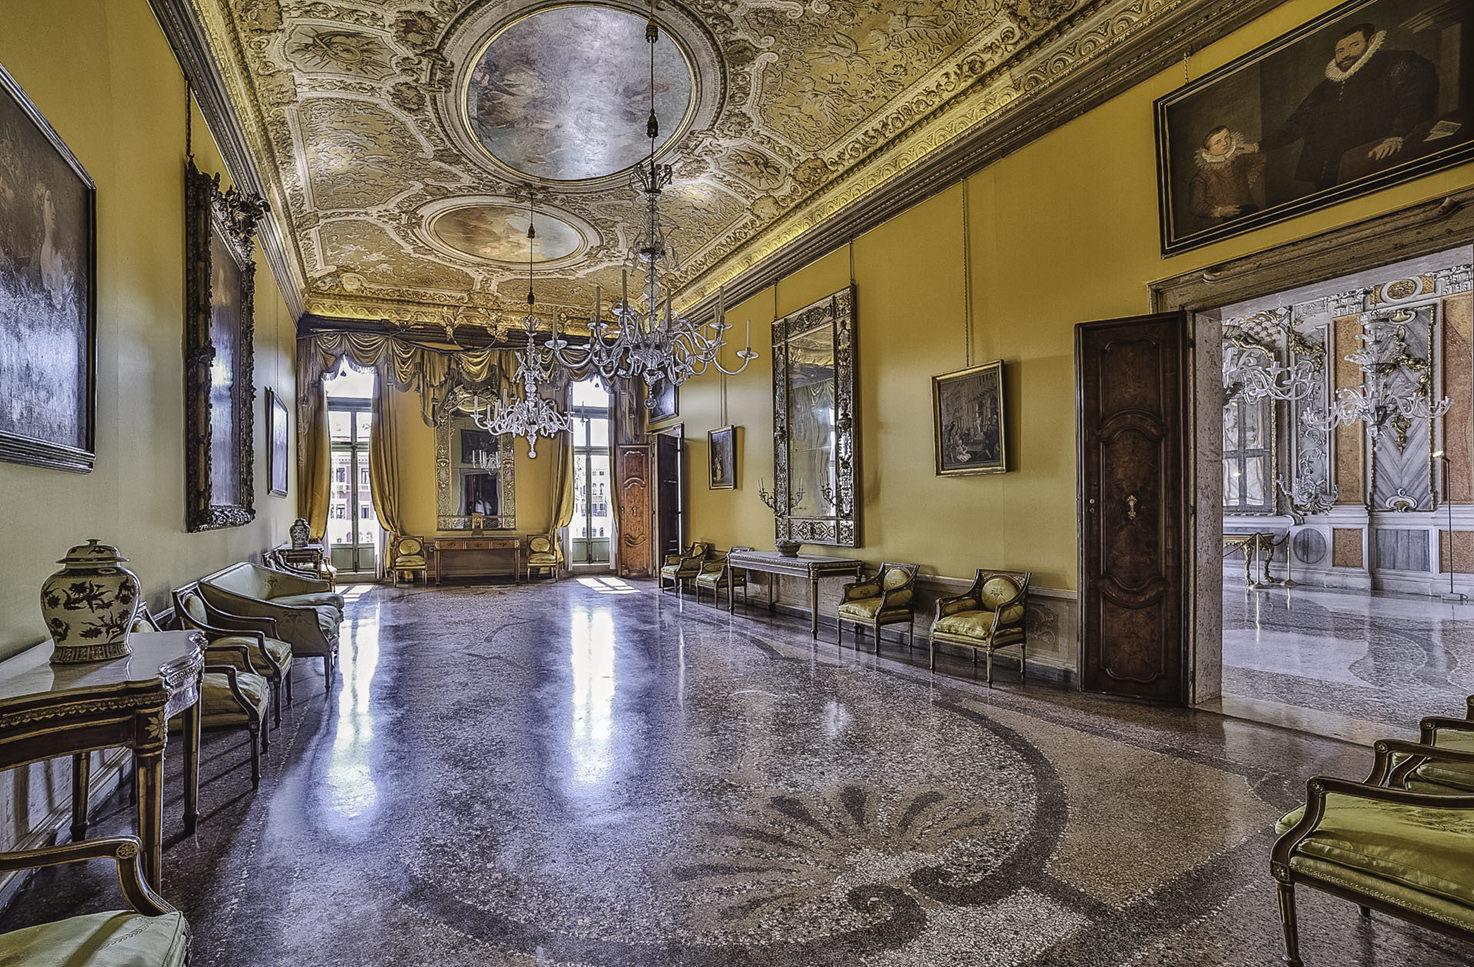 Palazzo Pisani Moretta, Yellow Hall